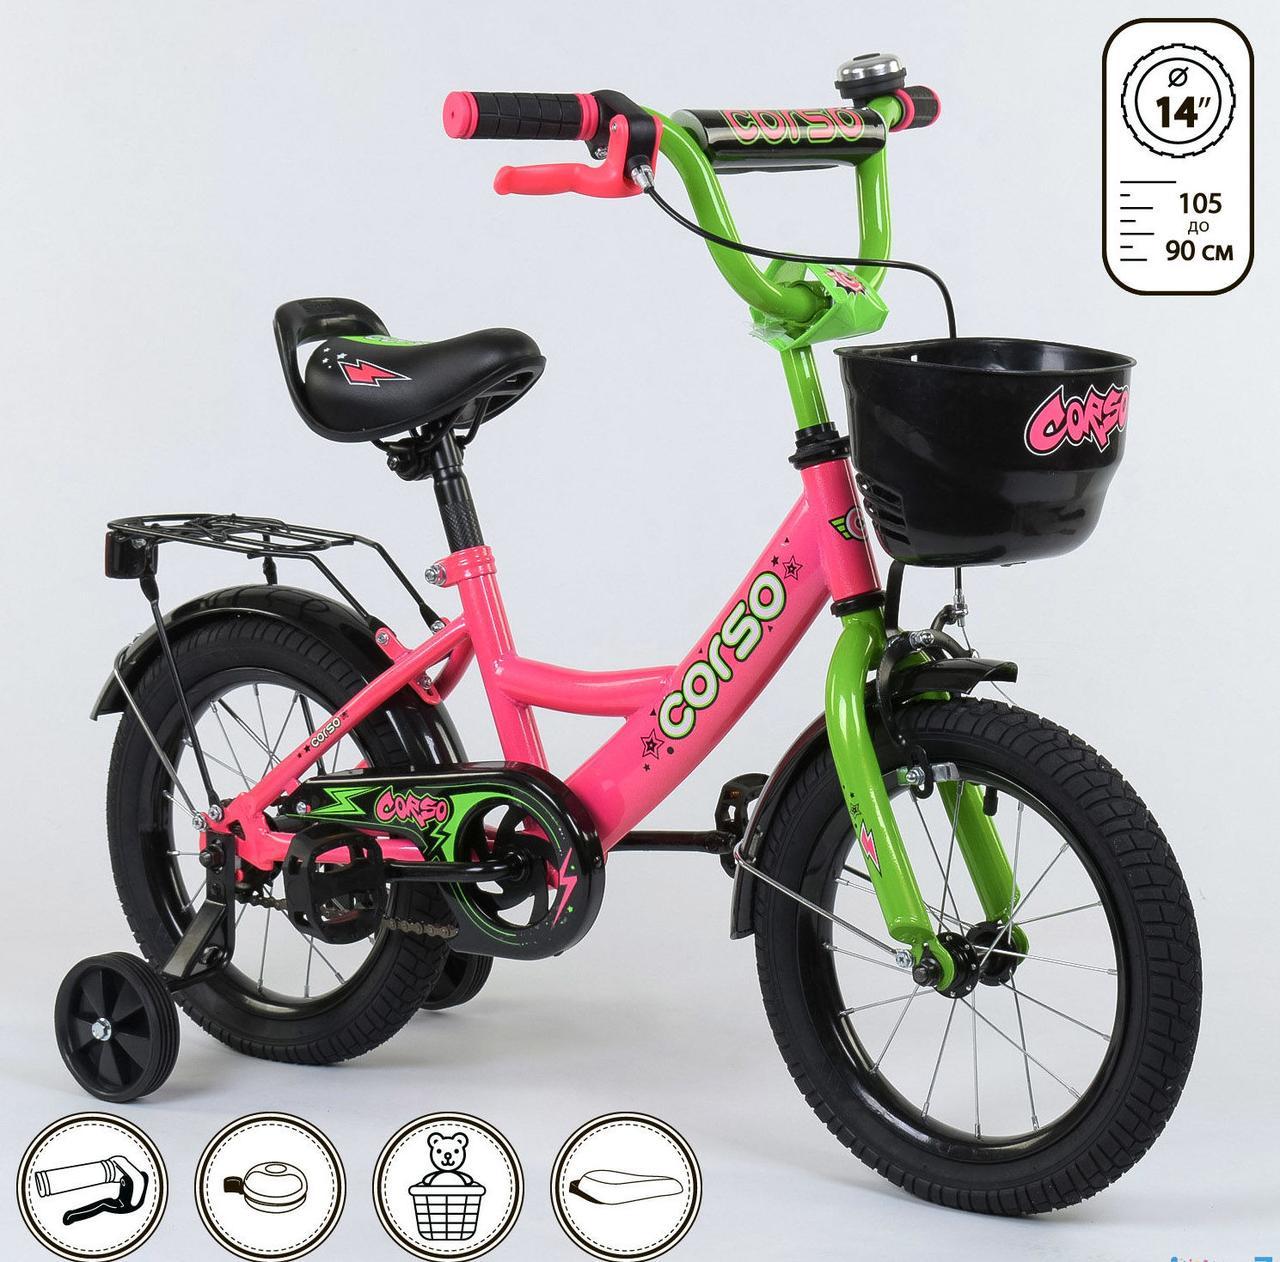 """Велосипед 14"""" дюймов 2-х колёсный G-14002 """"CORSO"""" новый ручной тормоз, корзинка, звоночек, сидение с ручкой,"""